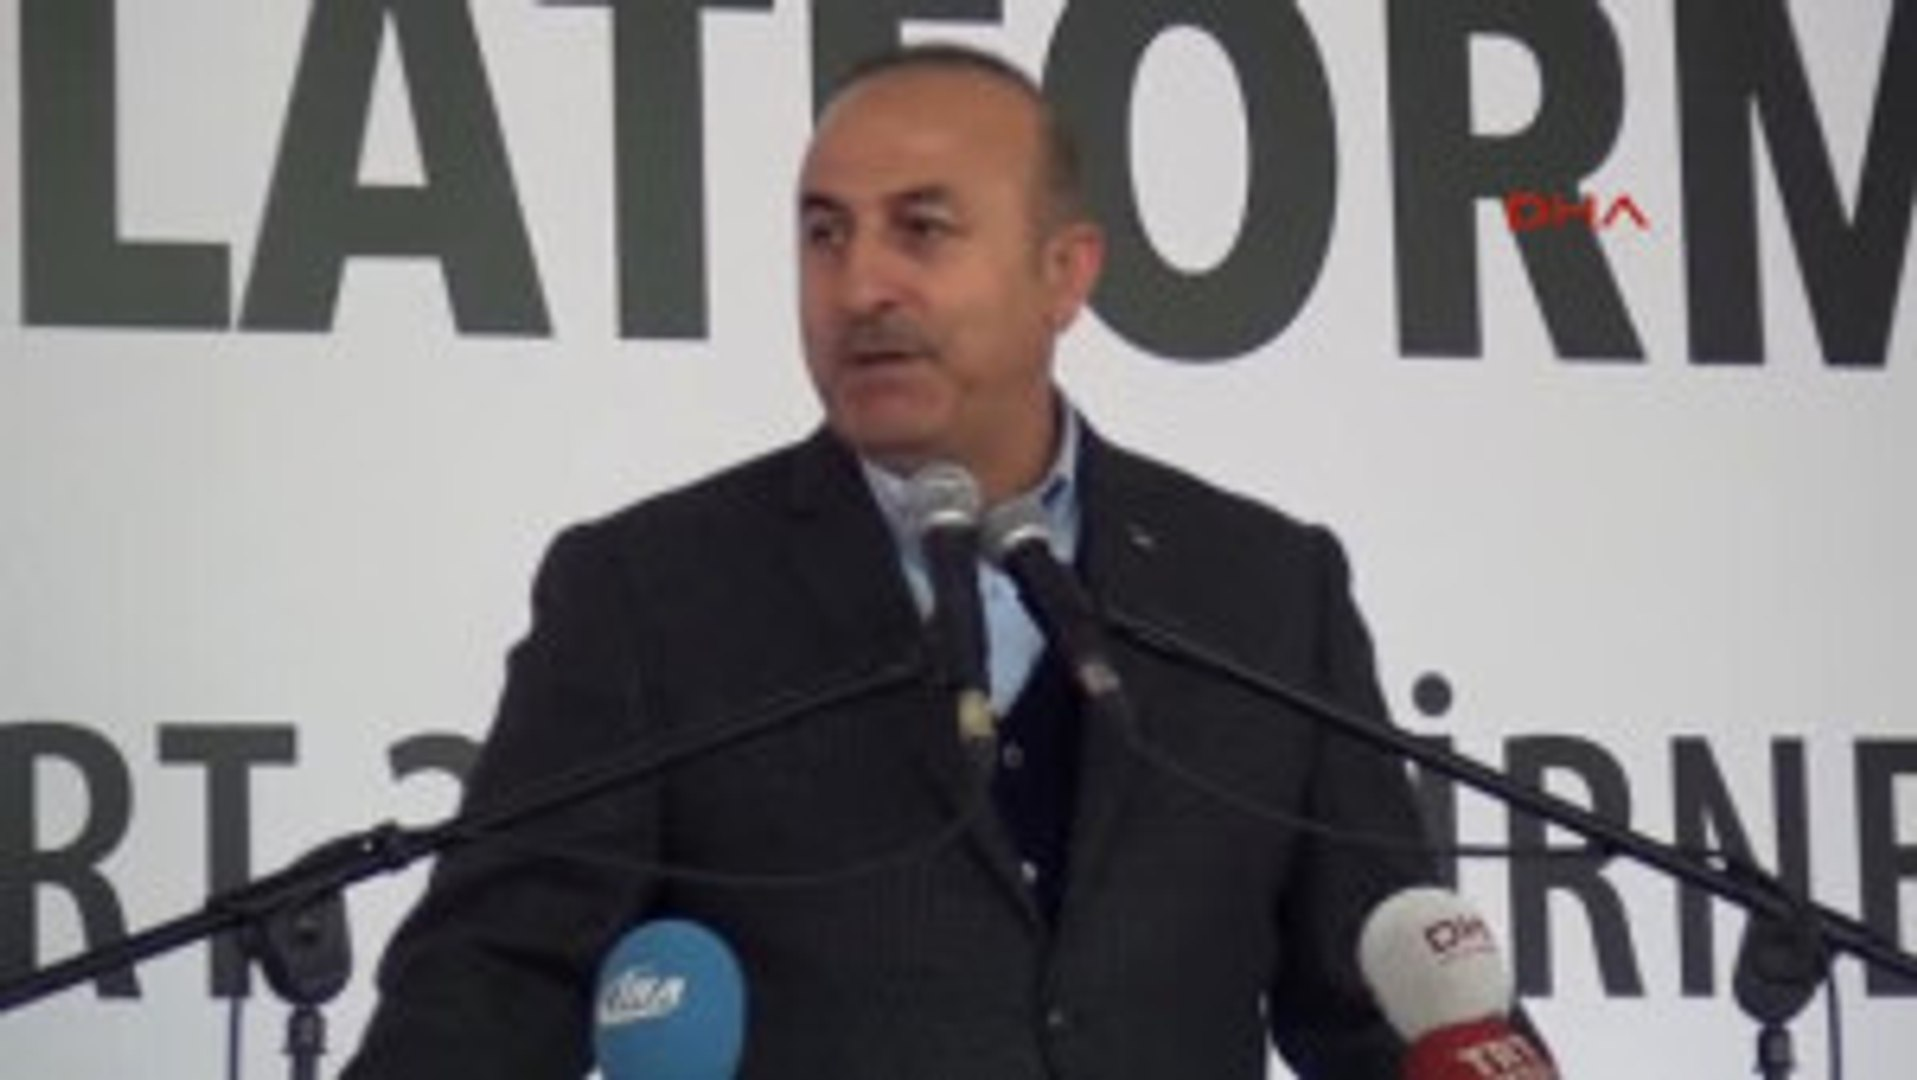 Edirne Bakan Çavuşoğlu: Avrupa Birliği Dağılıyor, Korkunun Ecele Faydası Yok